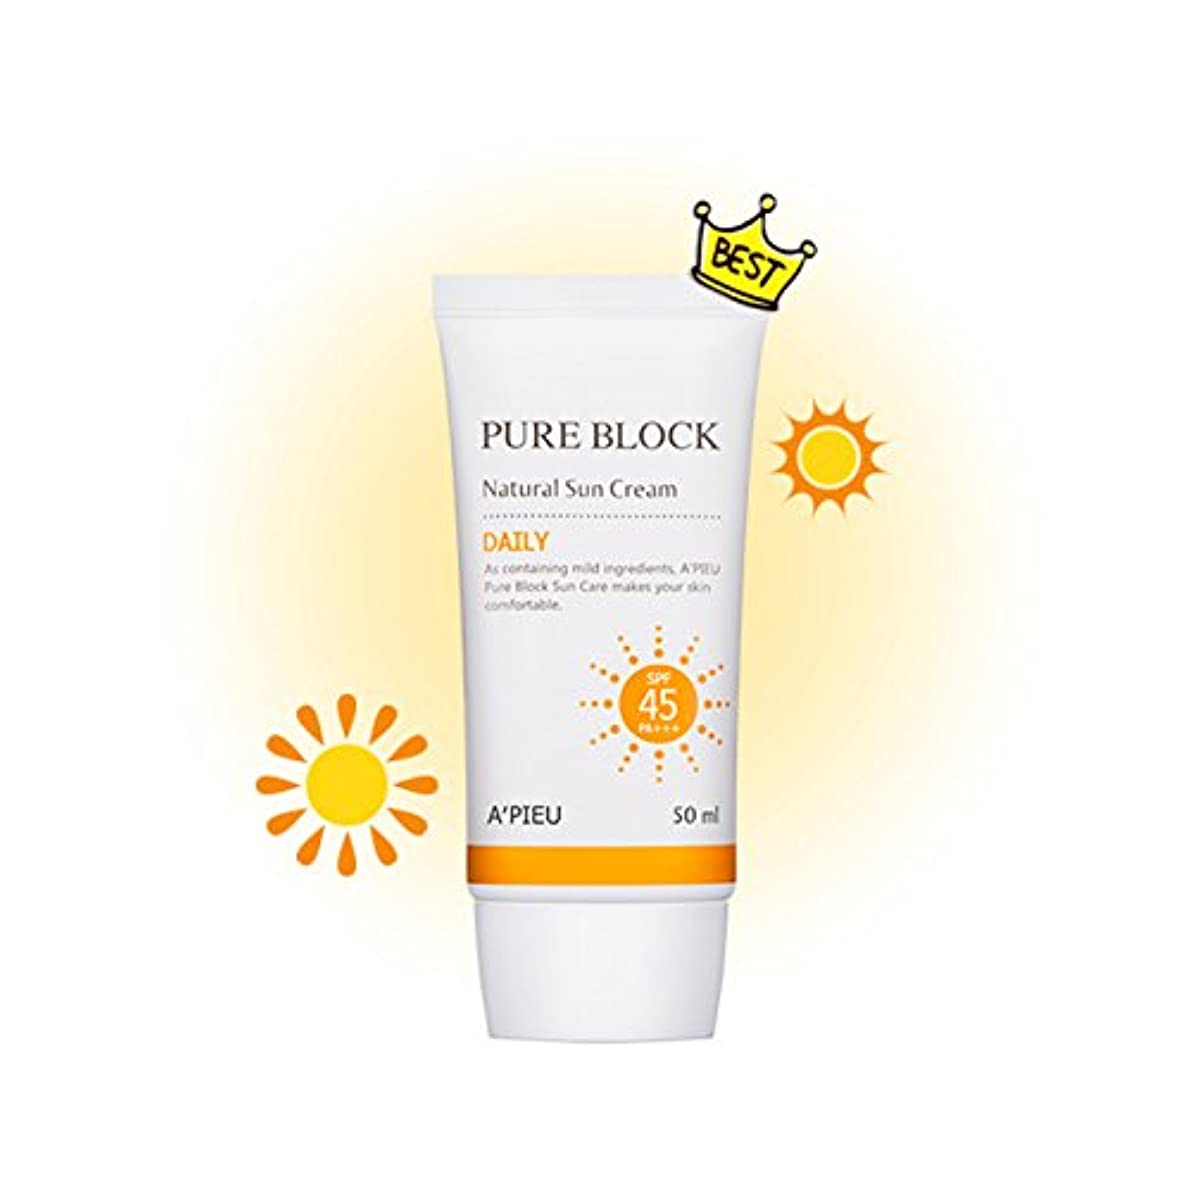 適切な上がる飛行場[オピュ] A'PIEU ピュアブロックナチュラルデイリー日焼け止め Pure Block Natural Daily Sun Cream SPF 45 PA+++ [並行輸入品]